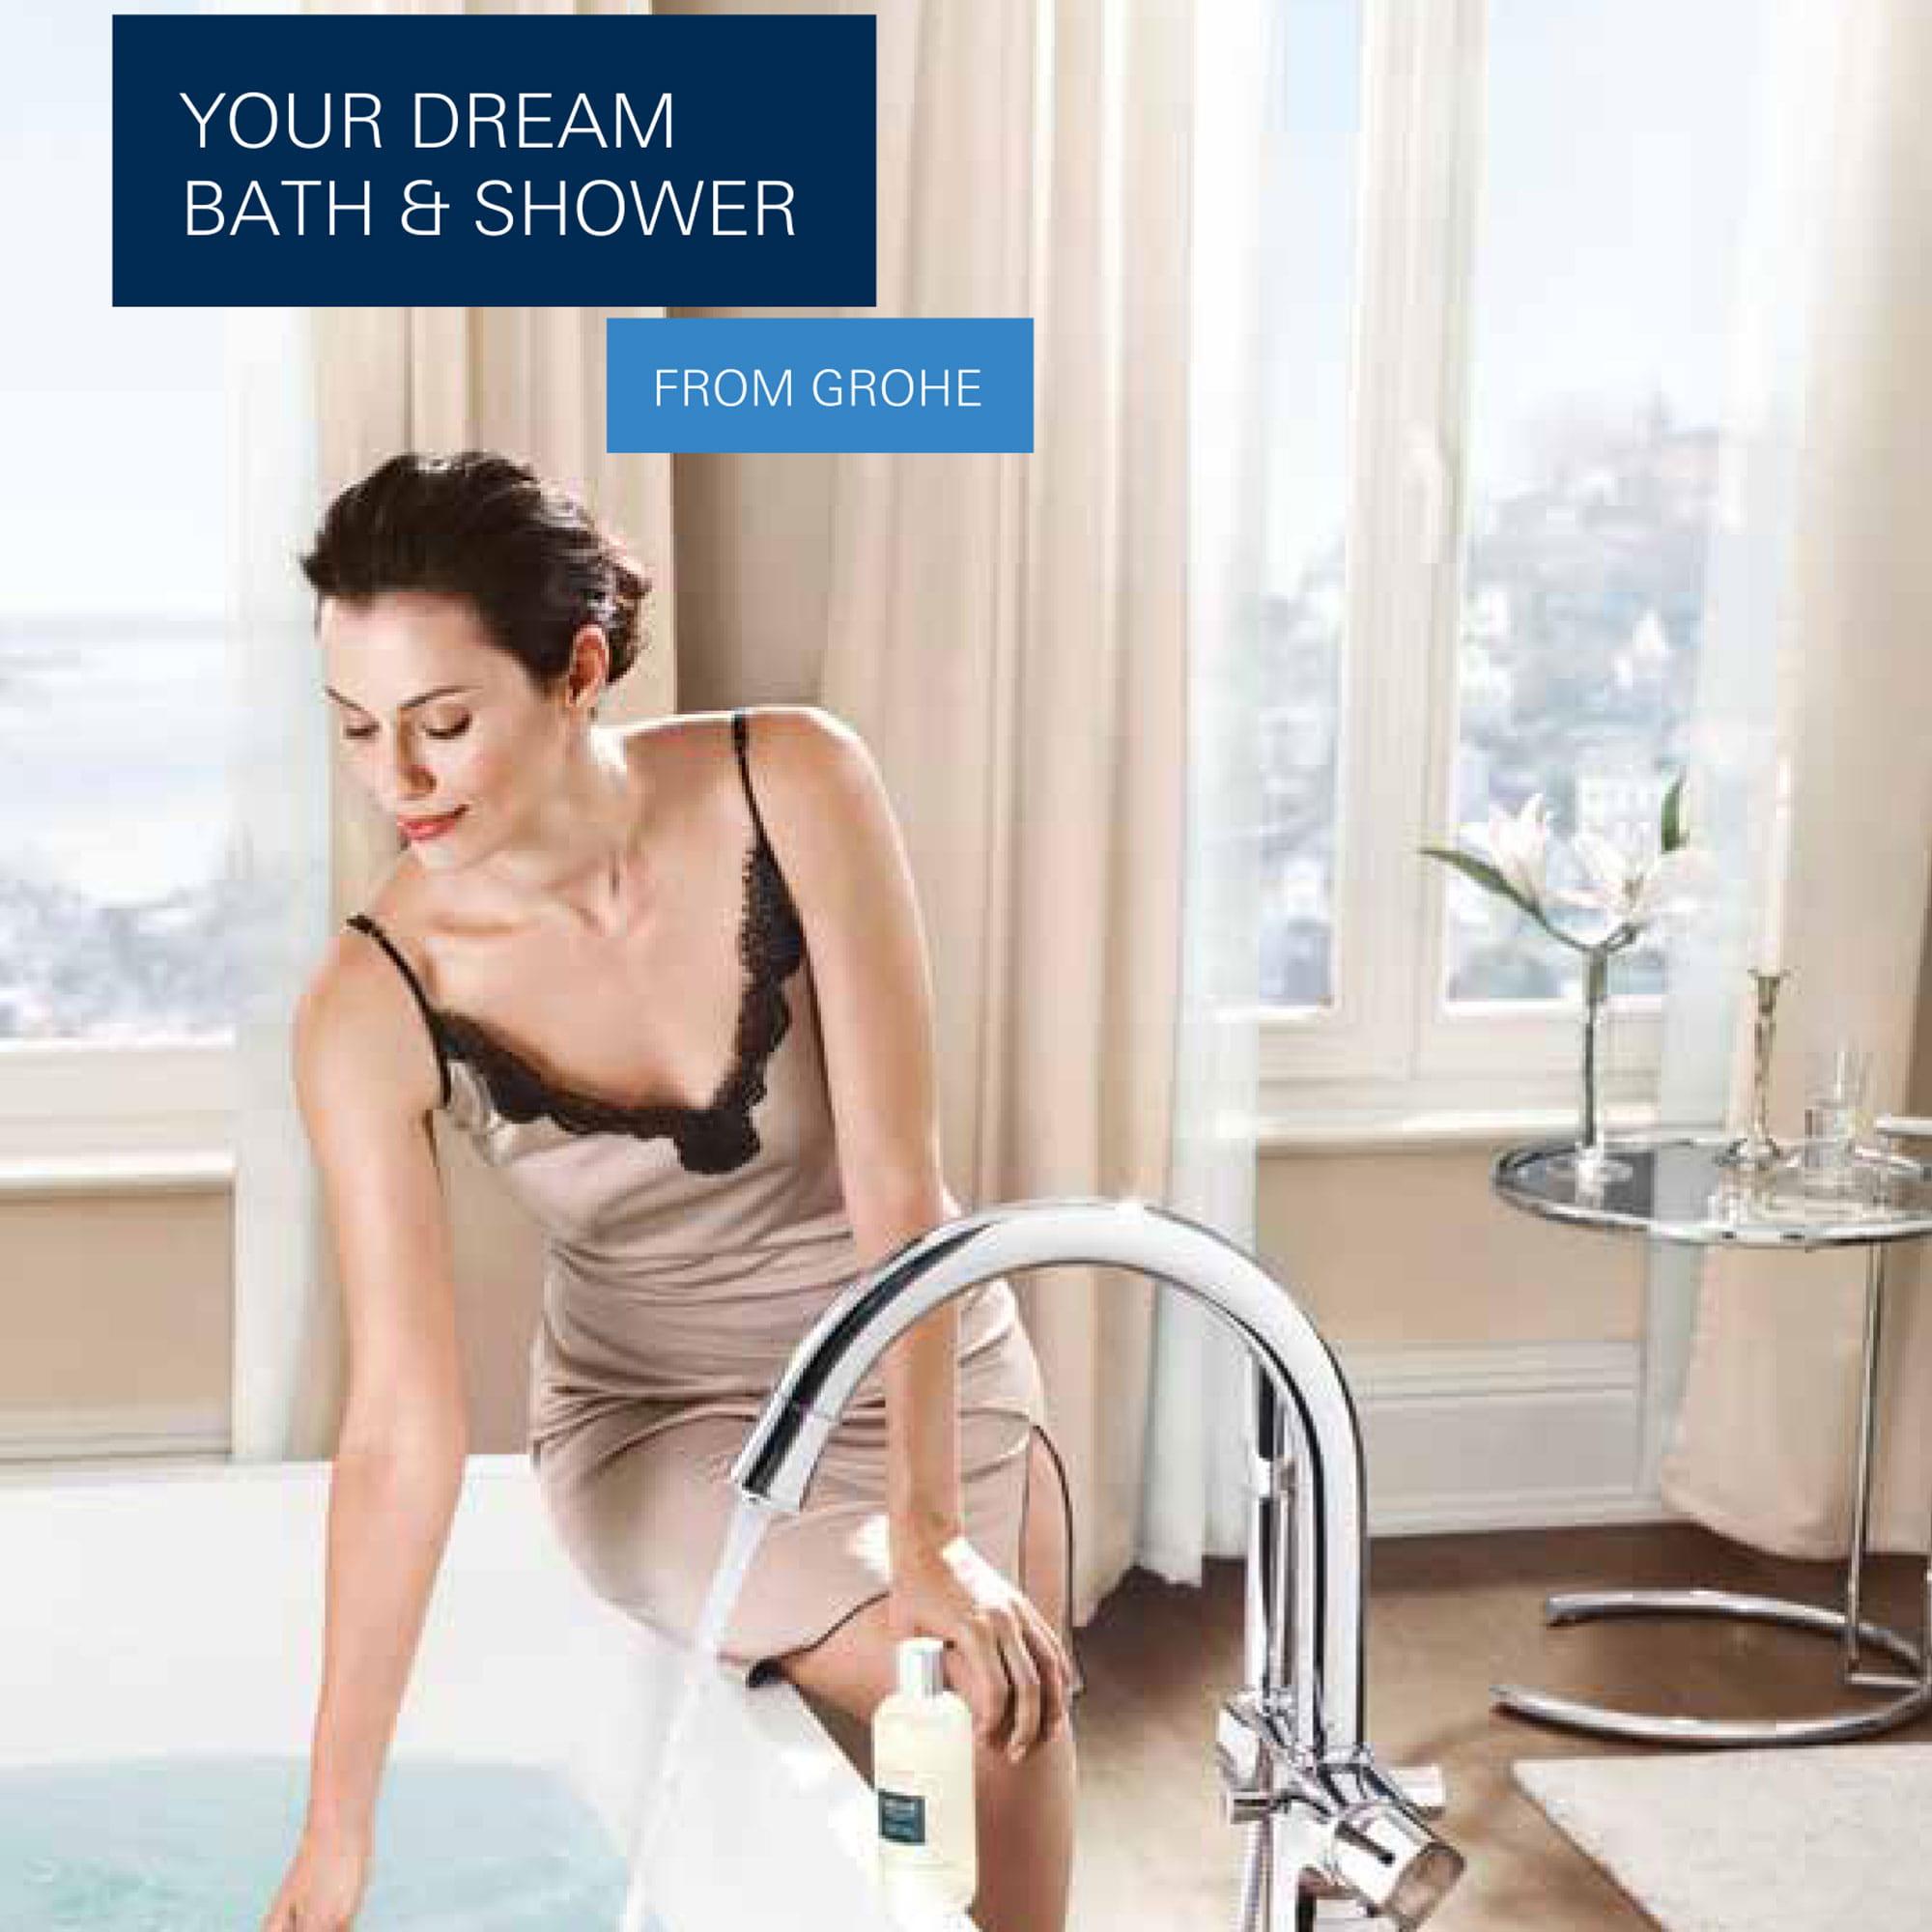 femme testant l'eau de baignoire avec le robinet courant